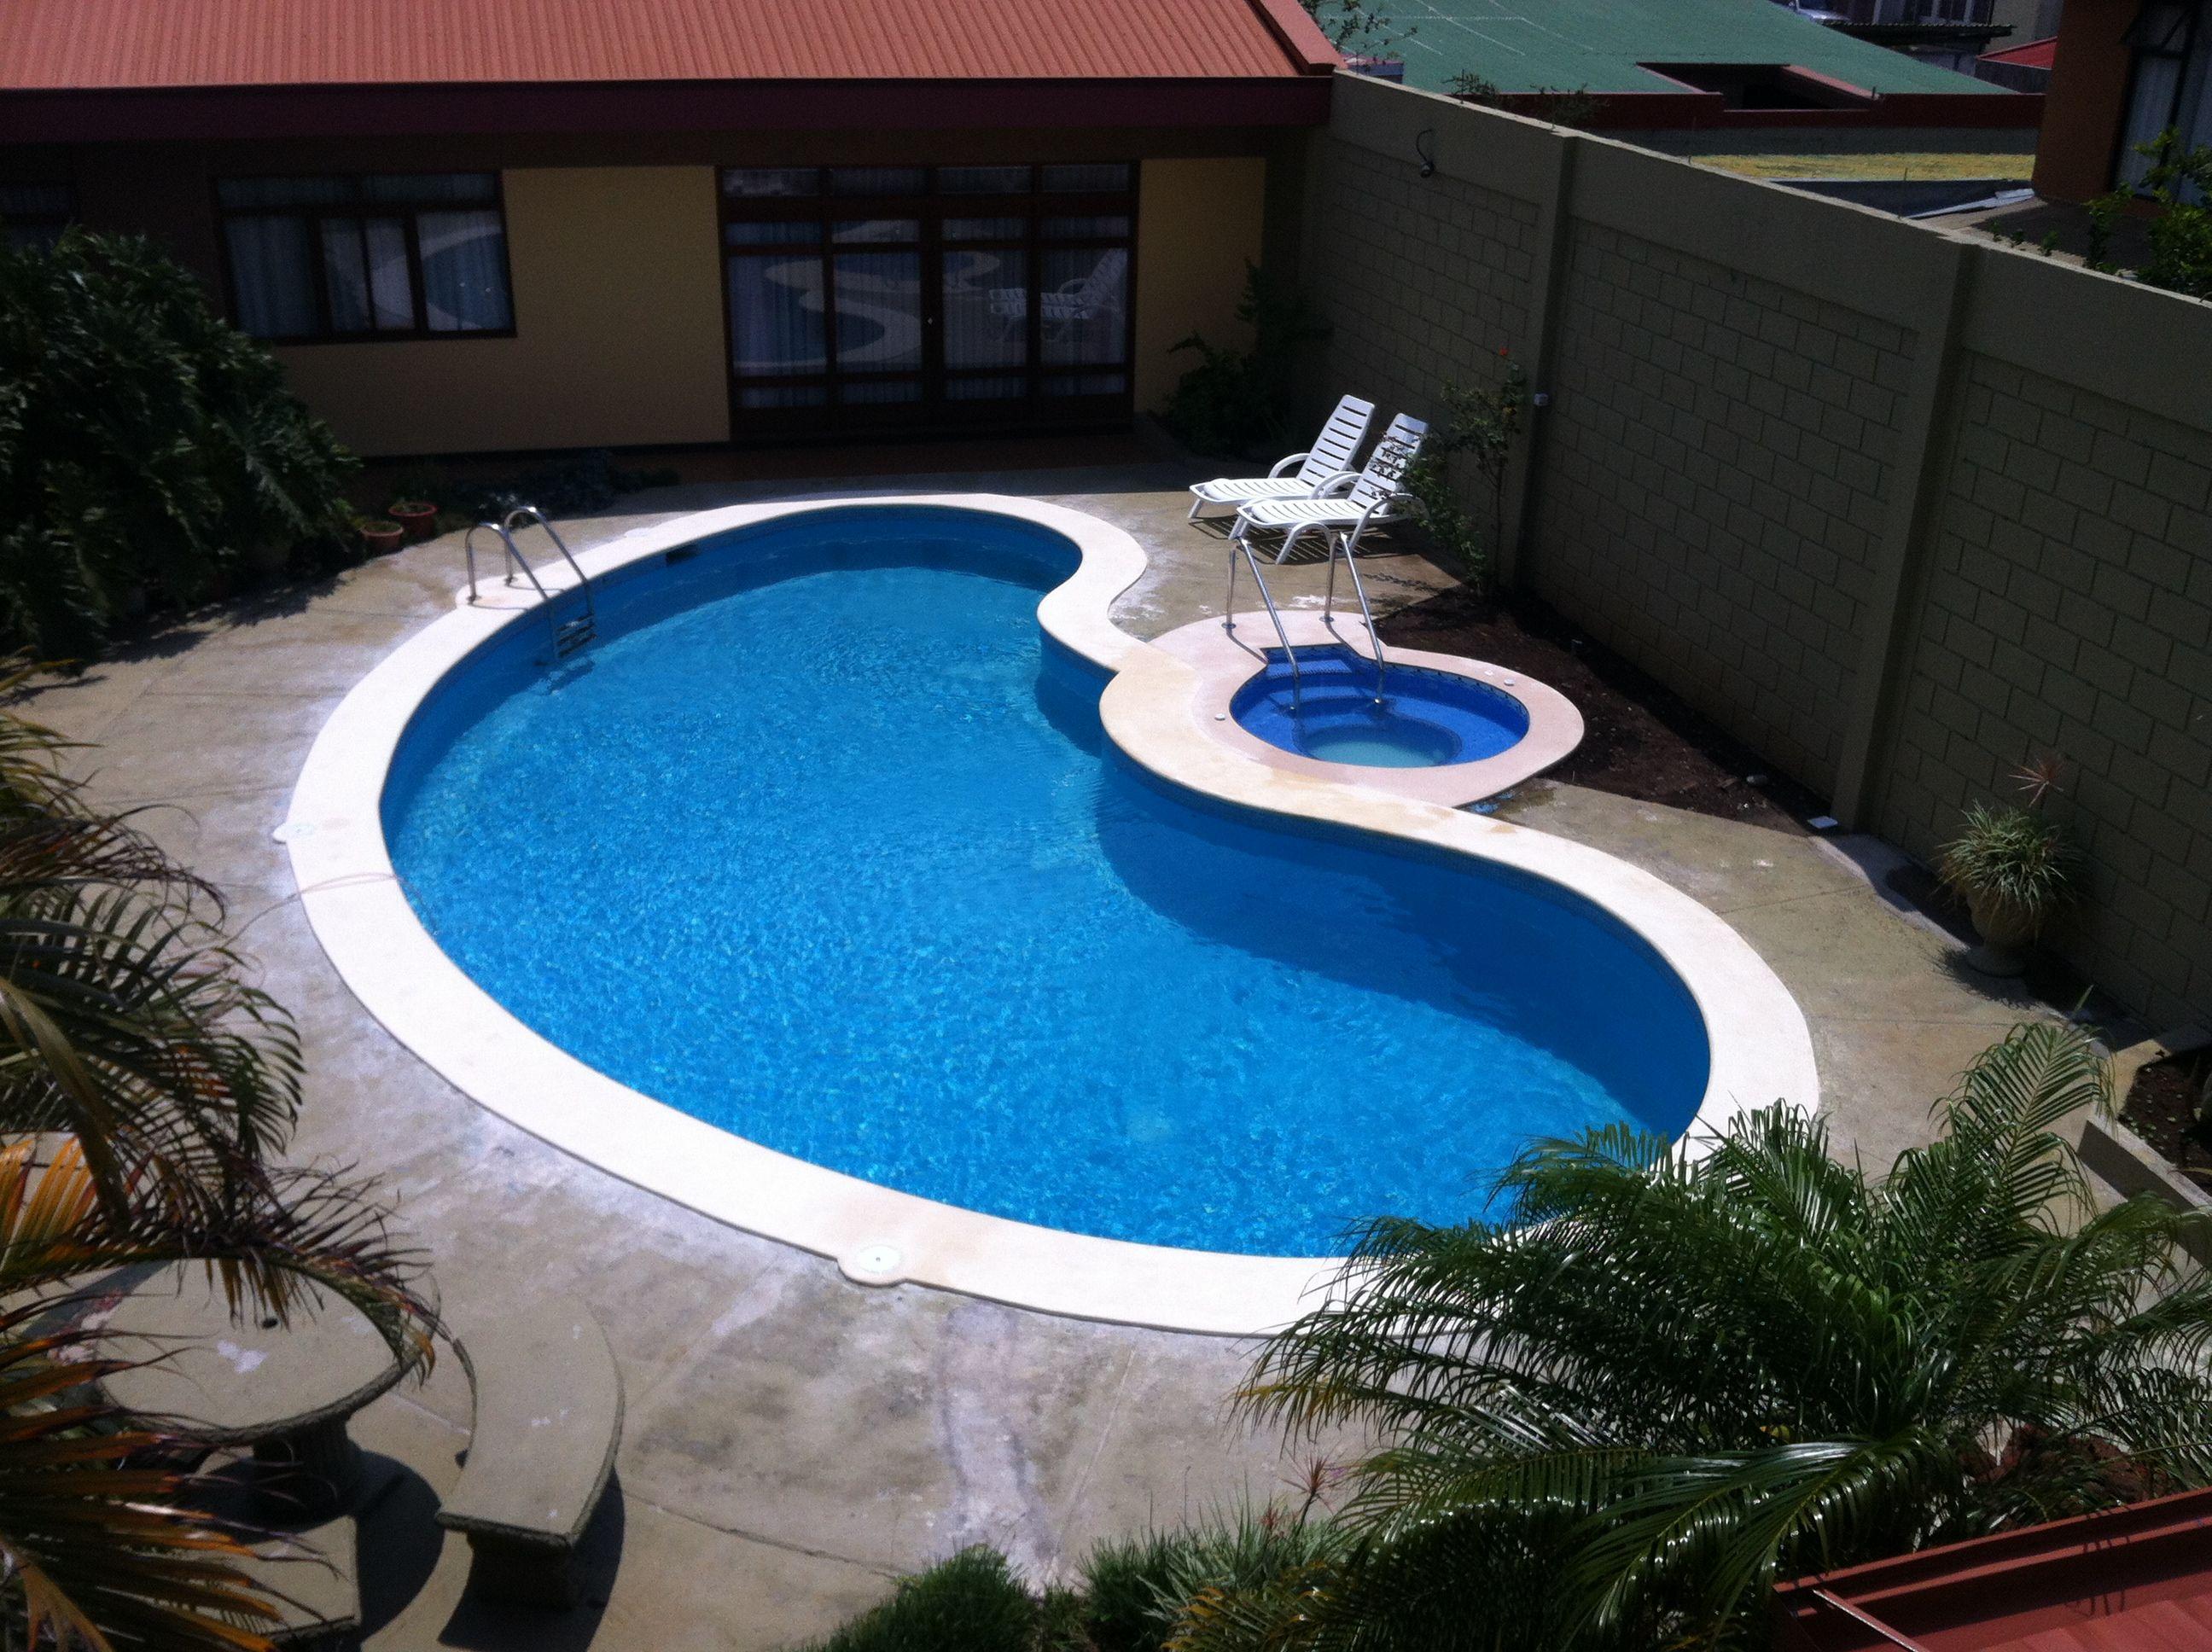 Pin de piscinas spa jireh en piscinas pinterest - Precio construccion piscina ...